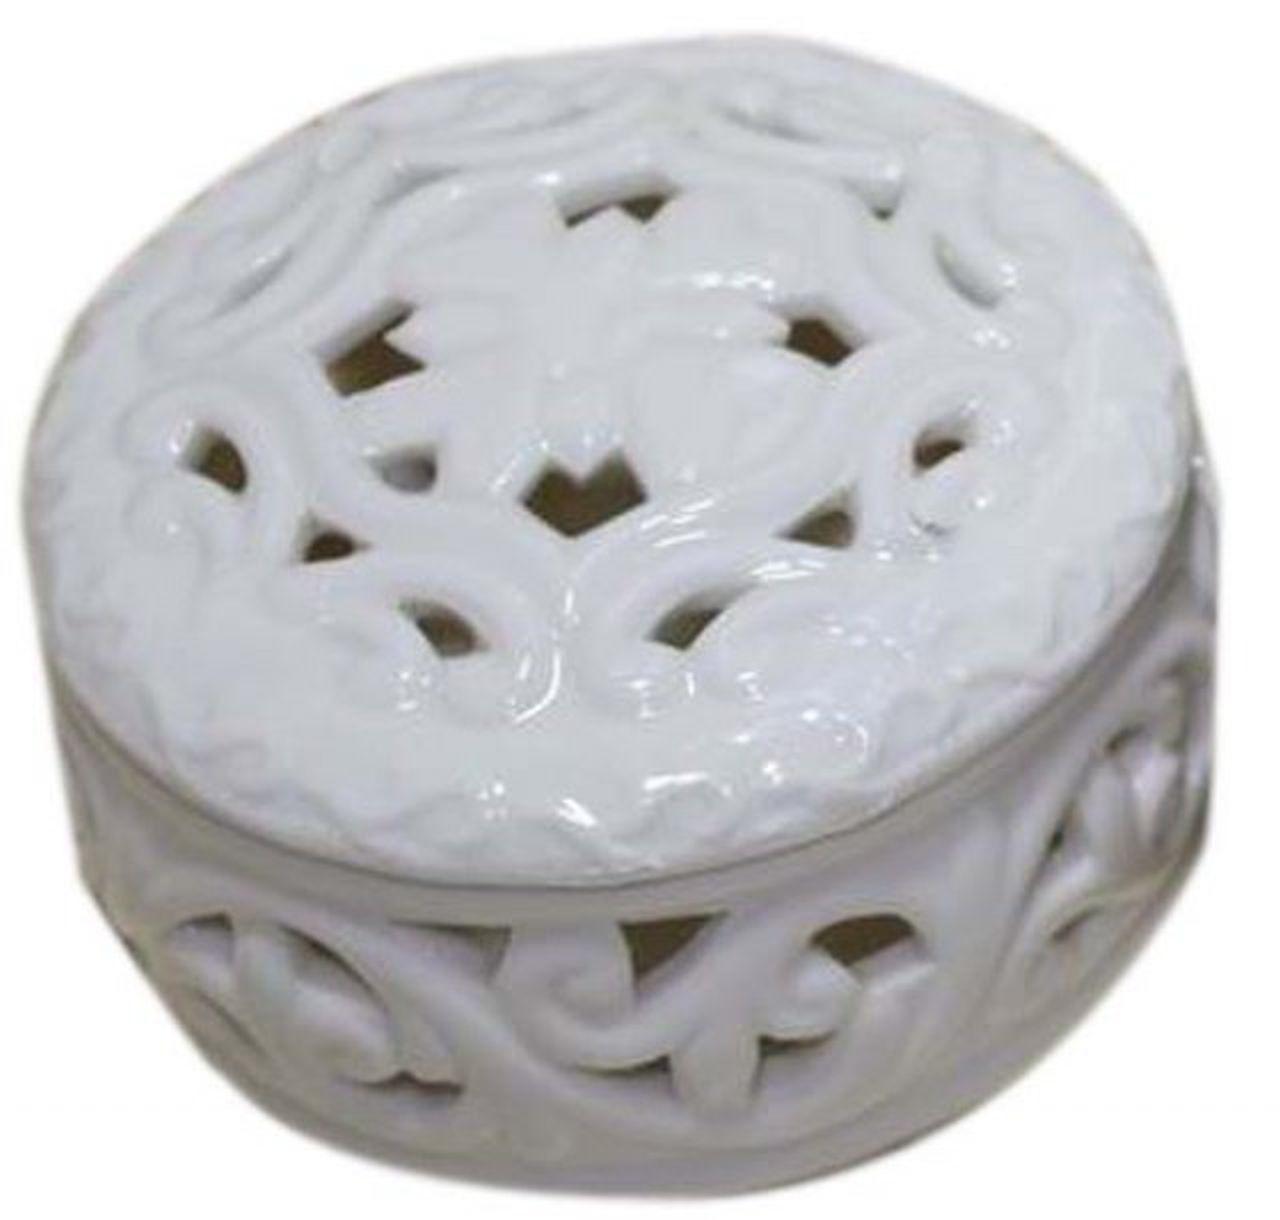 Scatola in porcellana bianca bomboniera tonda cm.7,7x7x4,3h diam.7